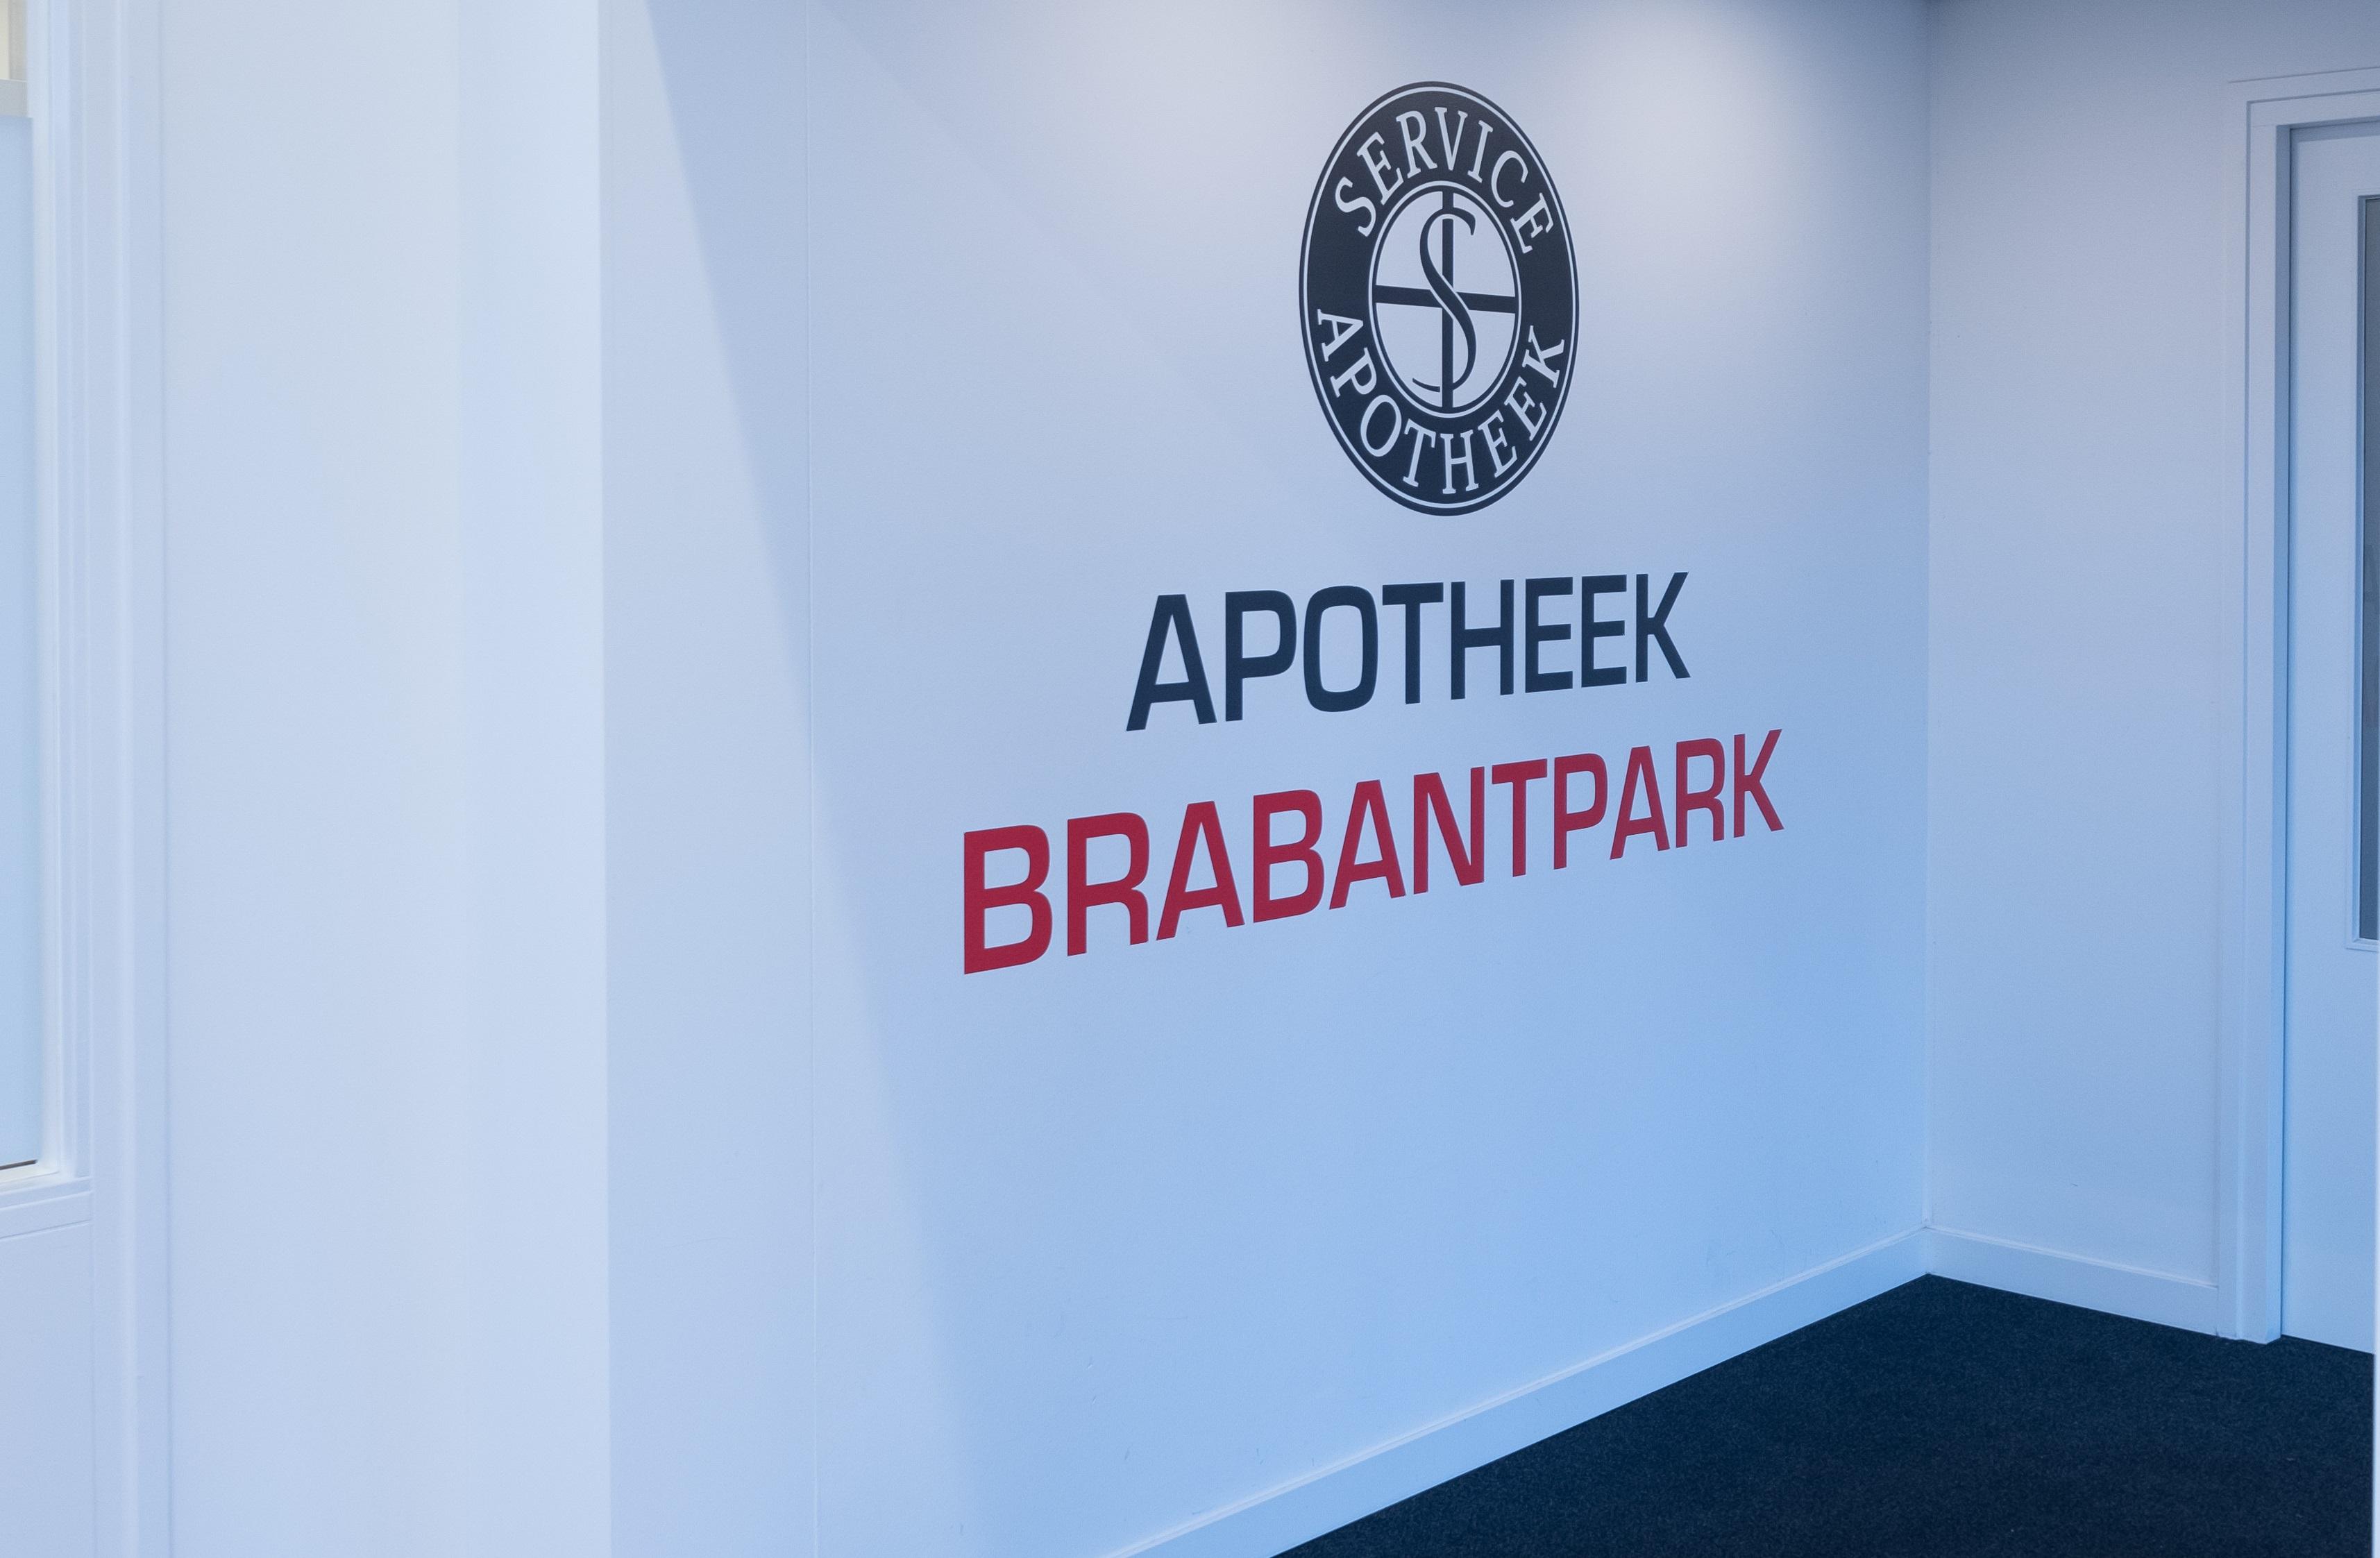 Apotheek Brabantpark